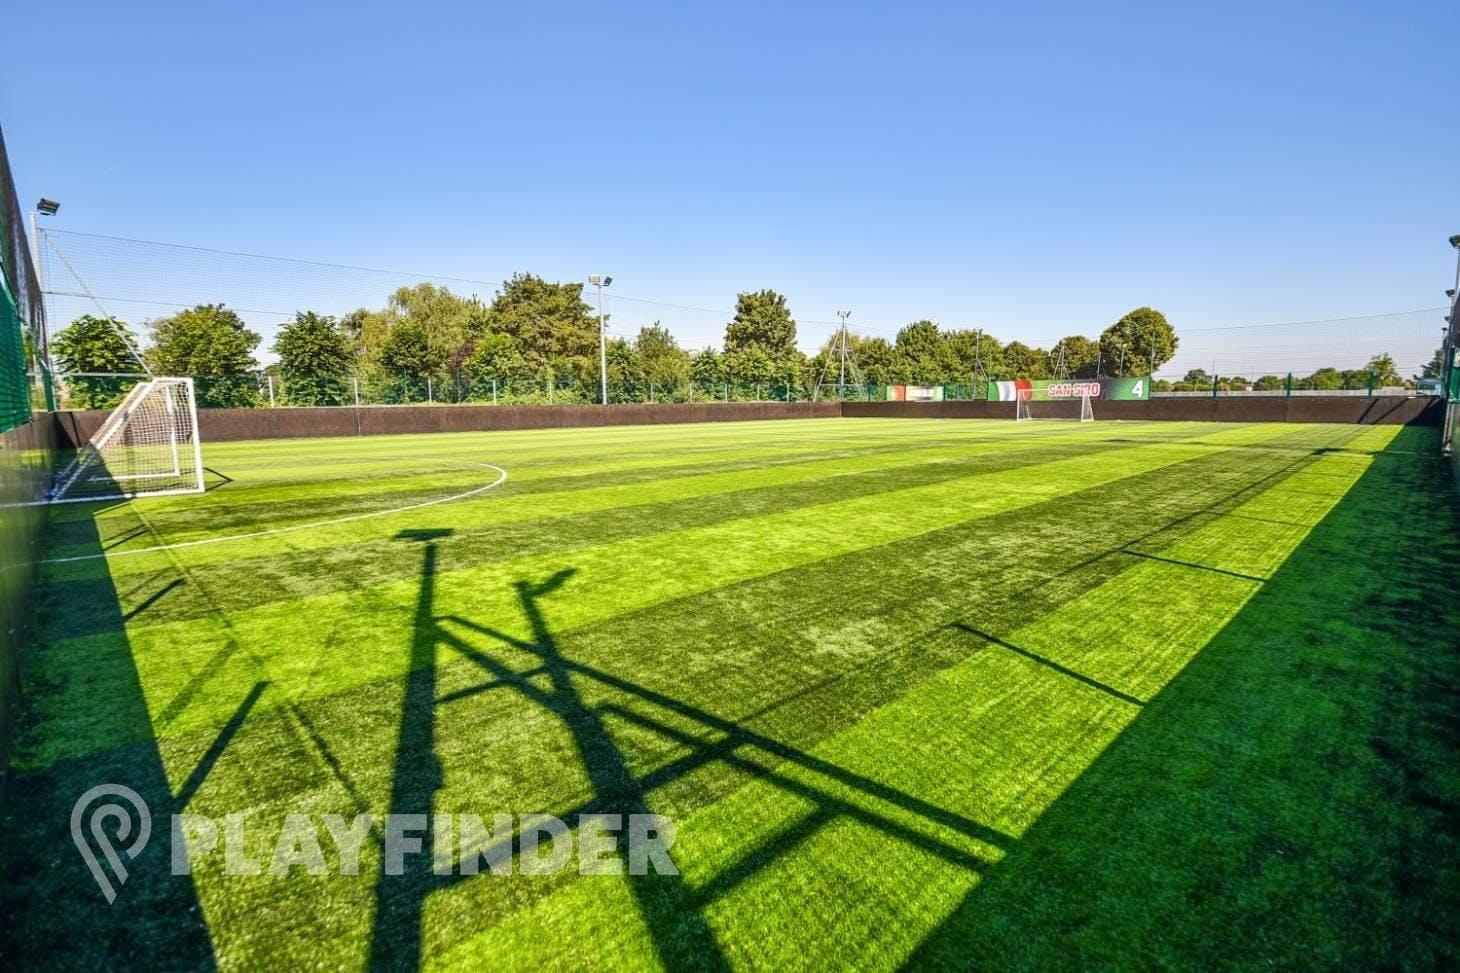 Goals Bexleyheath 7 a side | 3G Astroturf football pitch